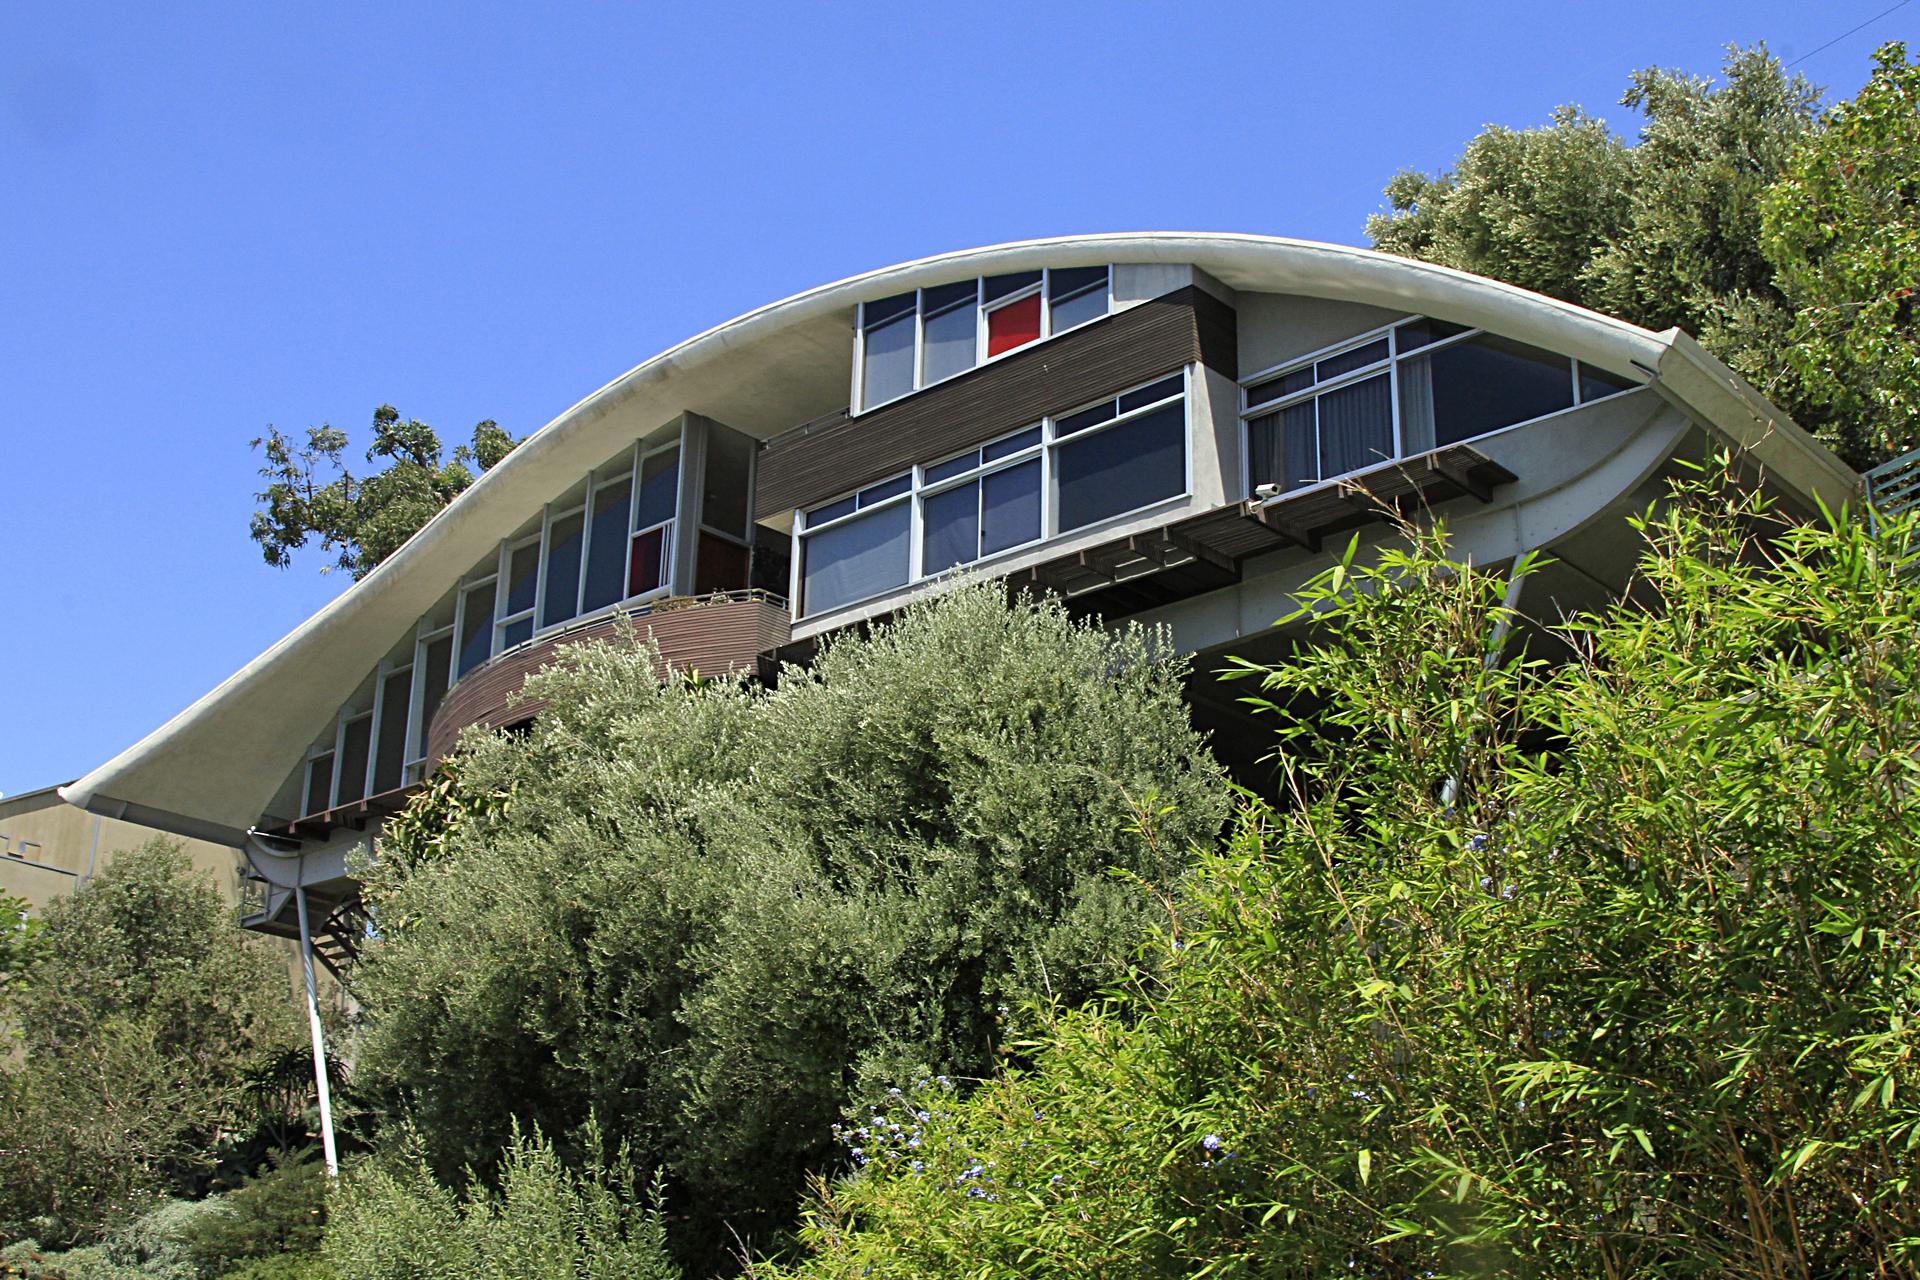 The Garcia Residence - John Lautner